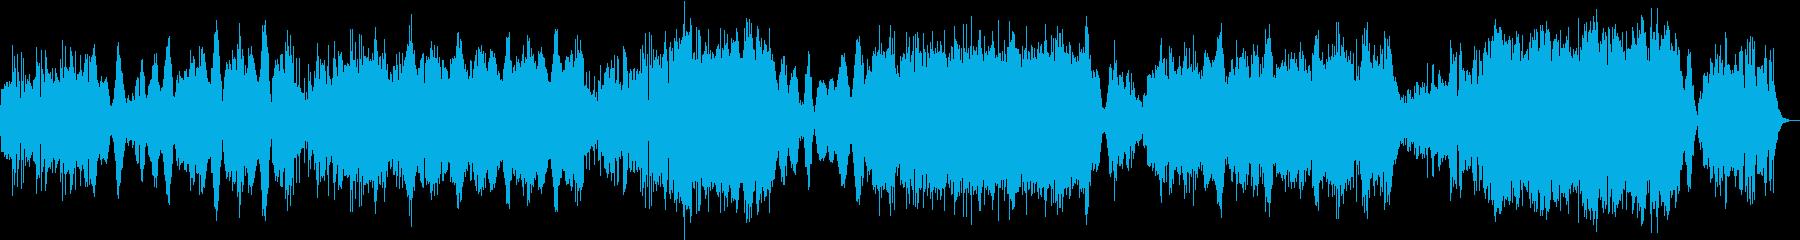 疾走感のある管弦曲の再生済みの波形